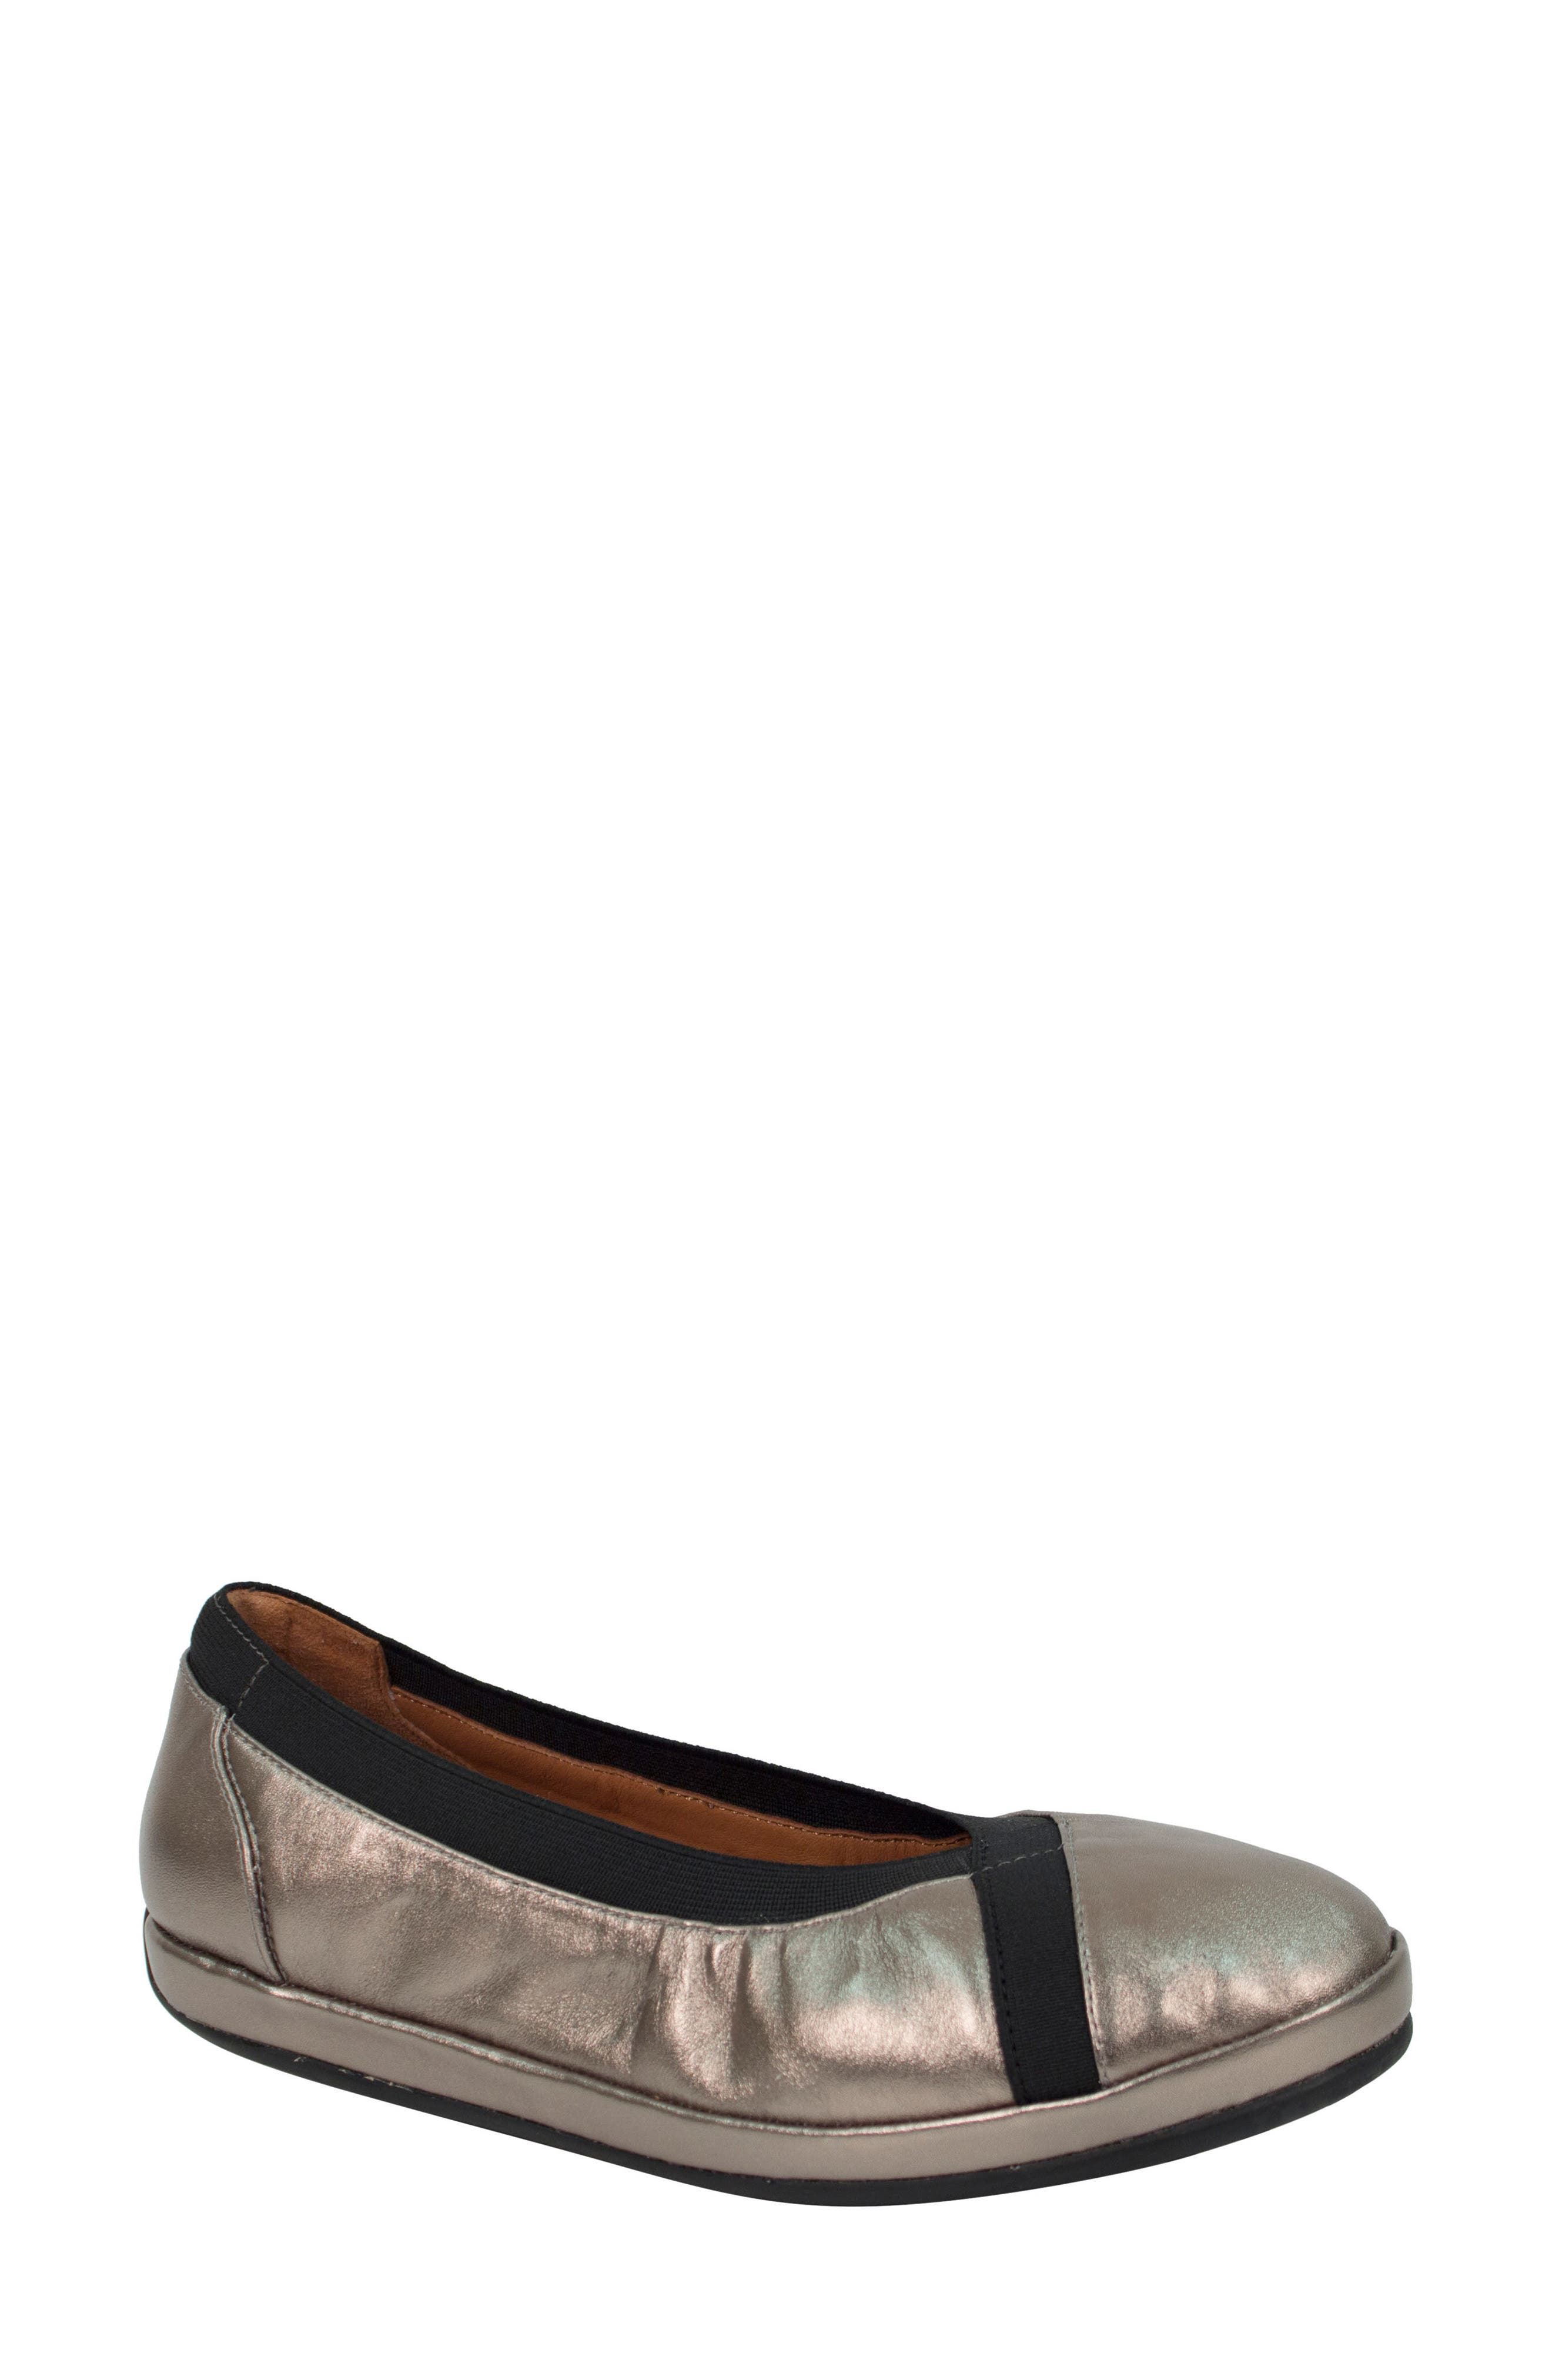 Yerusha Flat,                             Main thumbnail 1, color,                             Pewter Leather